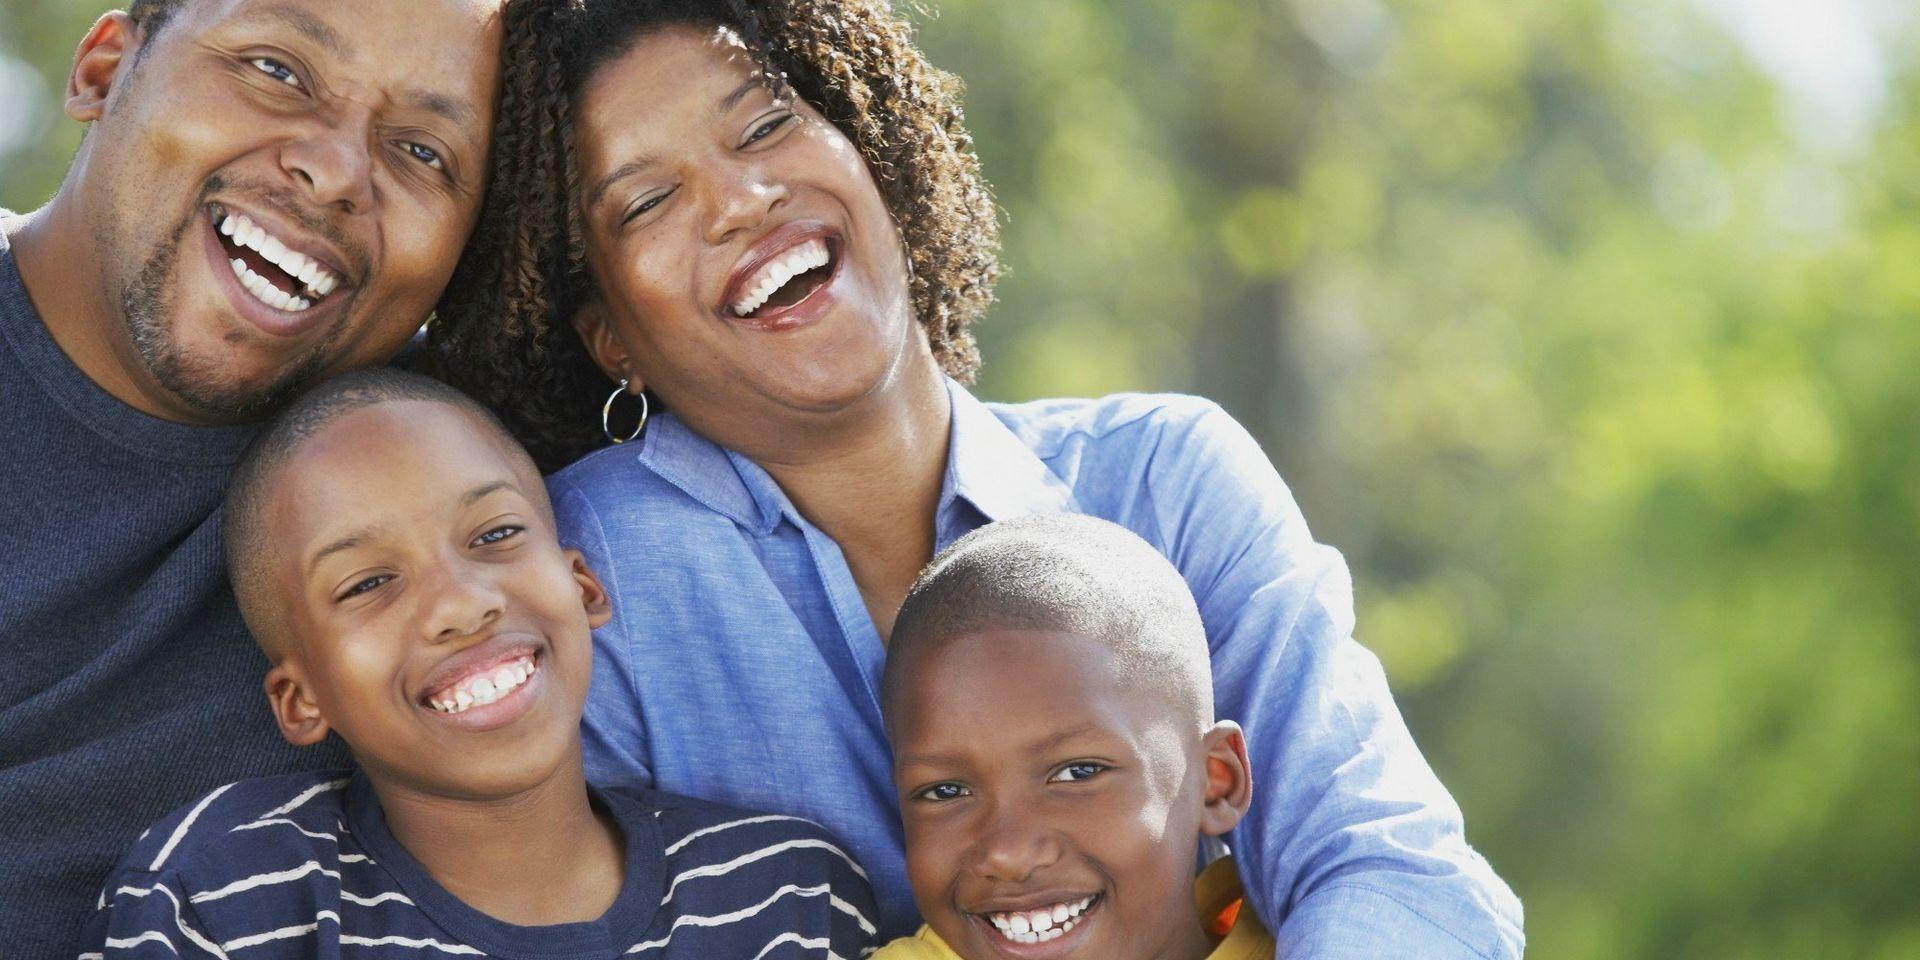 o-happy-family-facebook-happy-family